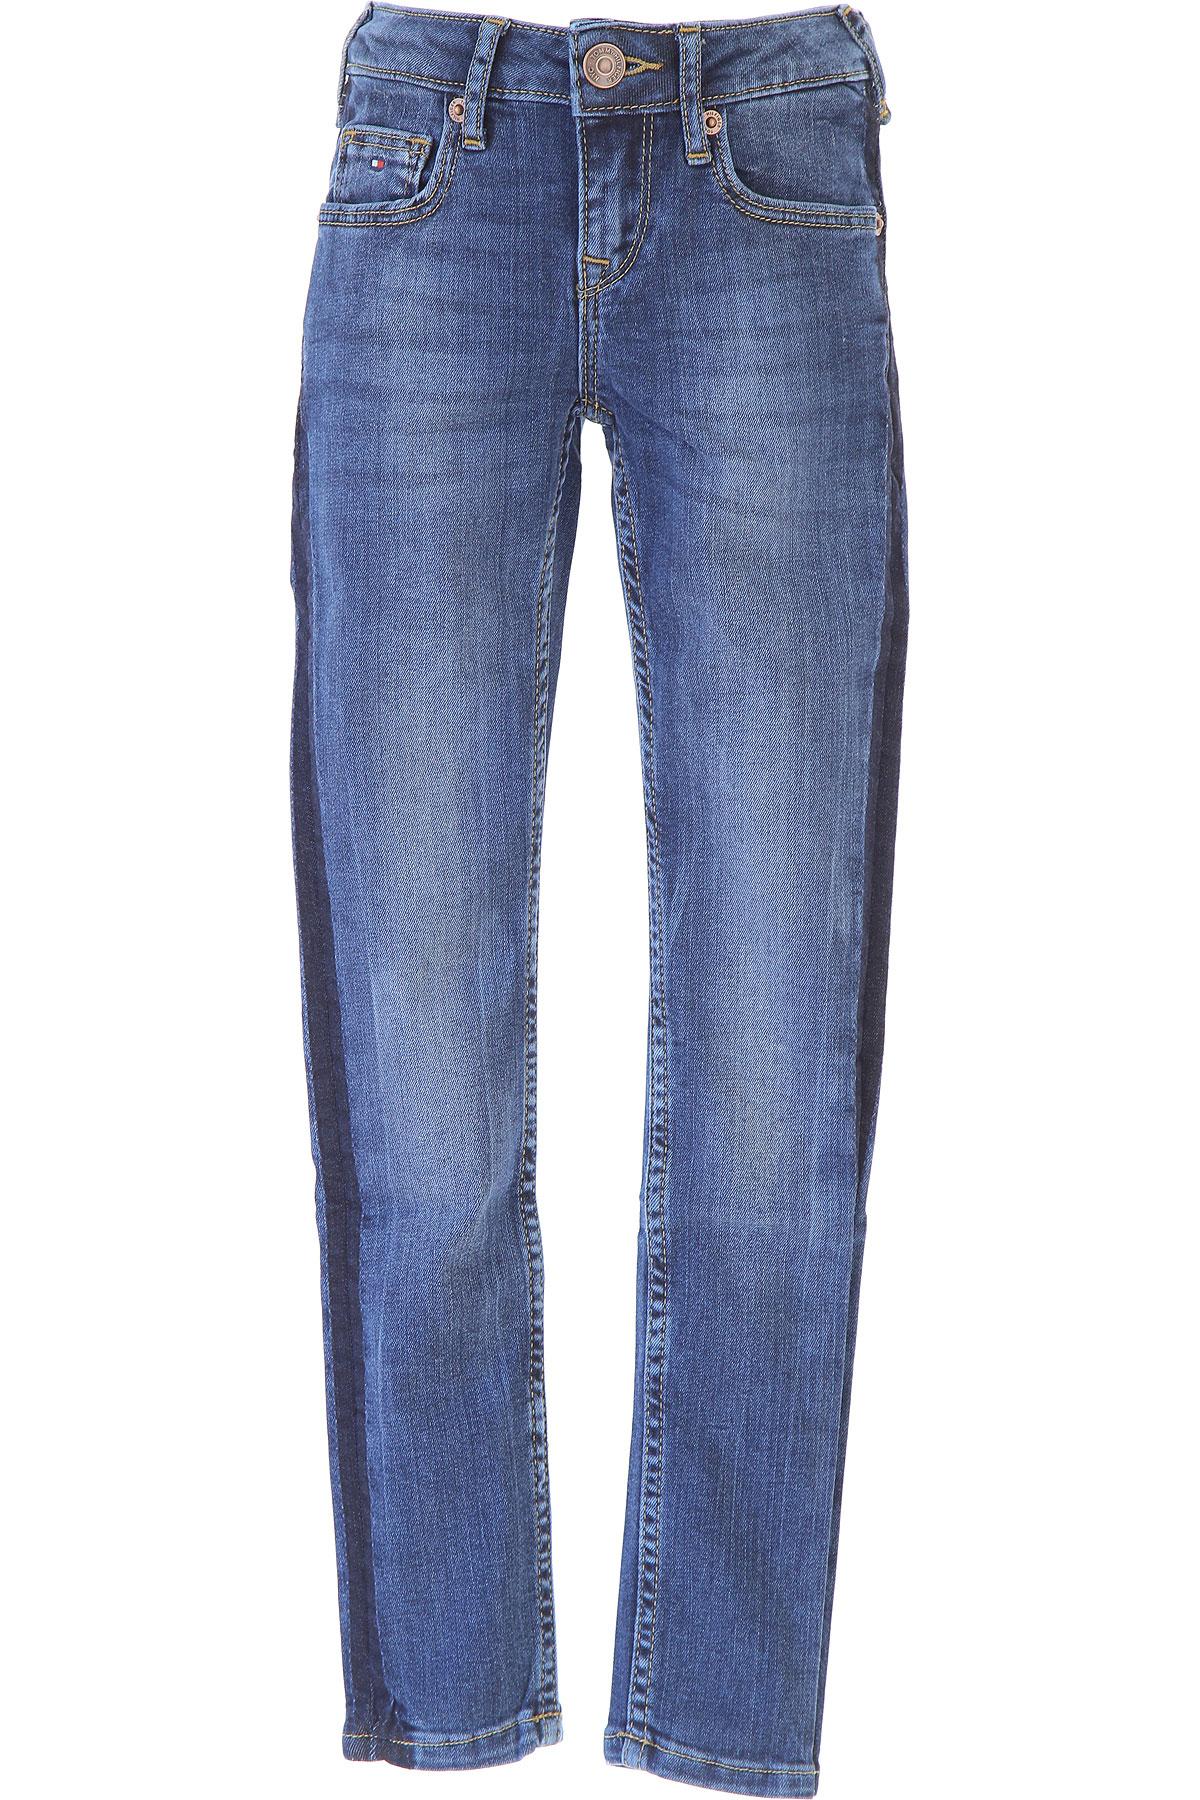 Tommy Hilfiger Kids Jeans for Girls, Blue Denim, Cotton, 2017, 10Y 14Y 16Y 8Y USA-468912